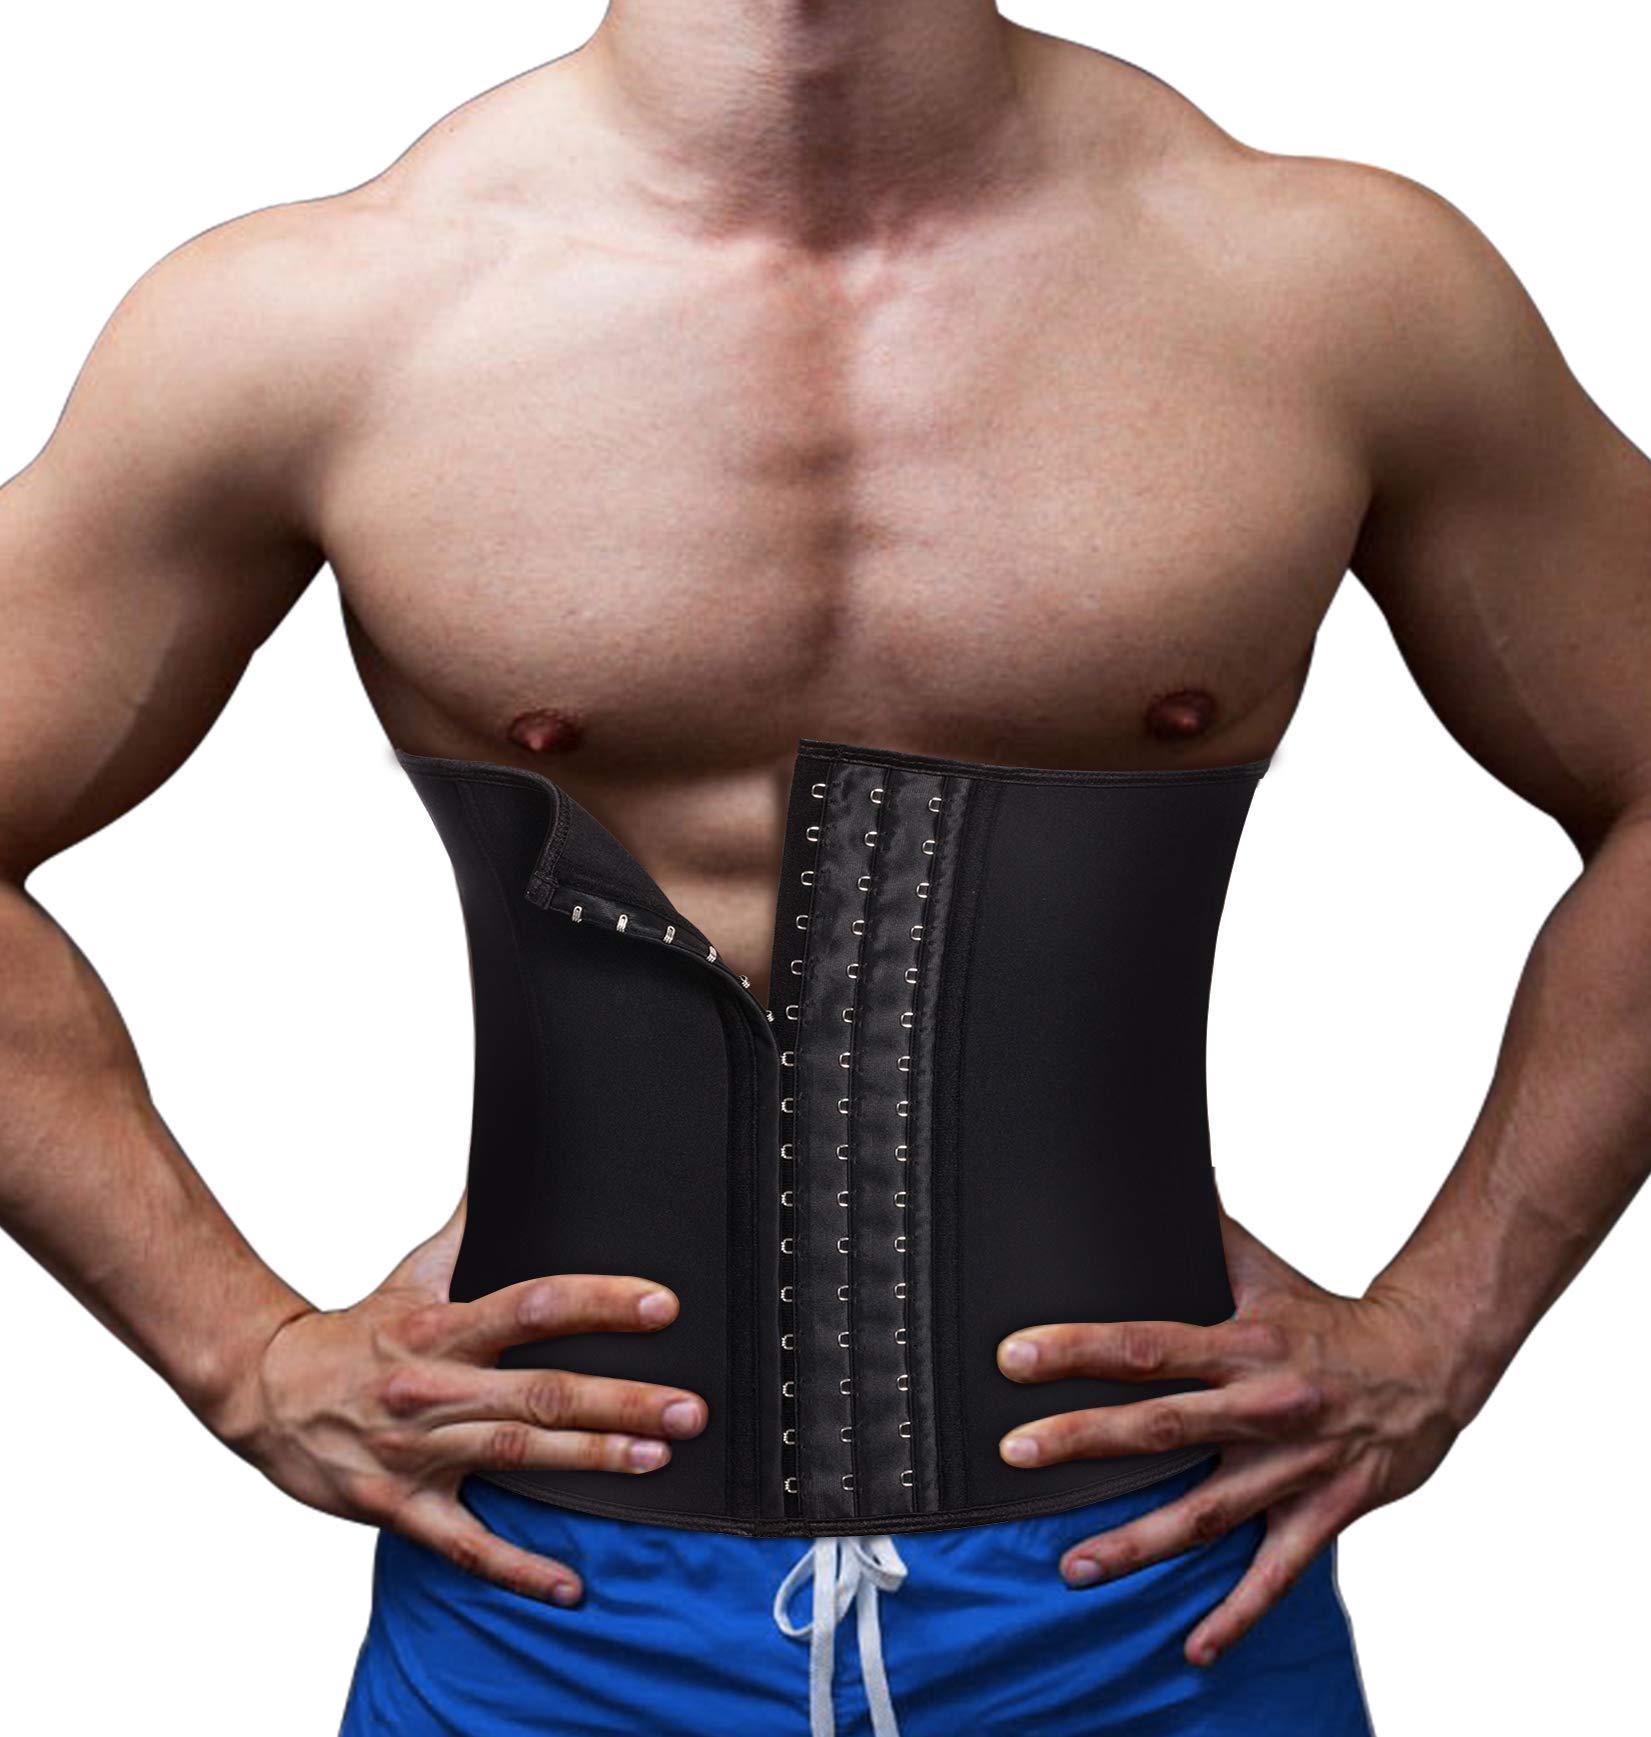 31 idées de Maigrir de l'abdomen | pour maigrir, perdre du poids, amaigrissement